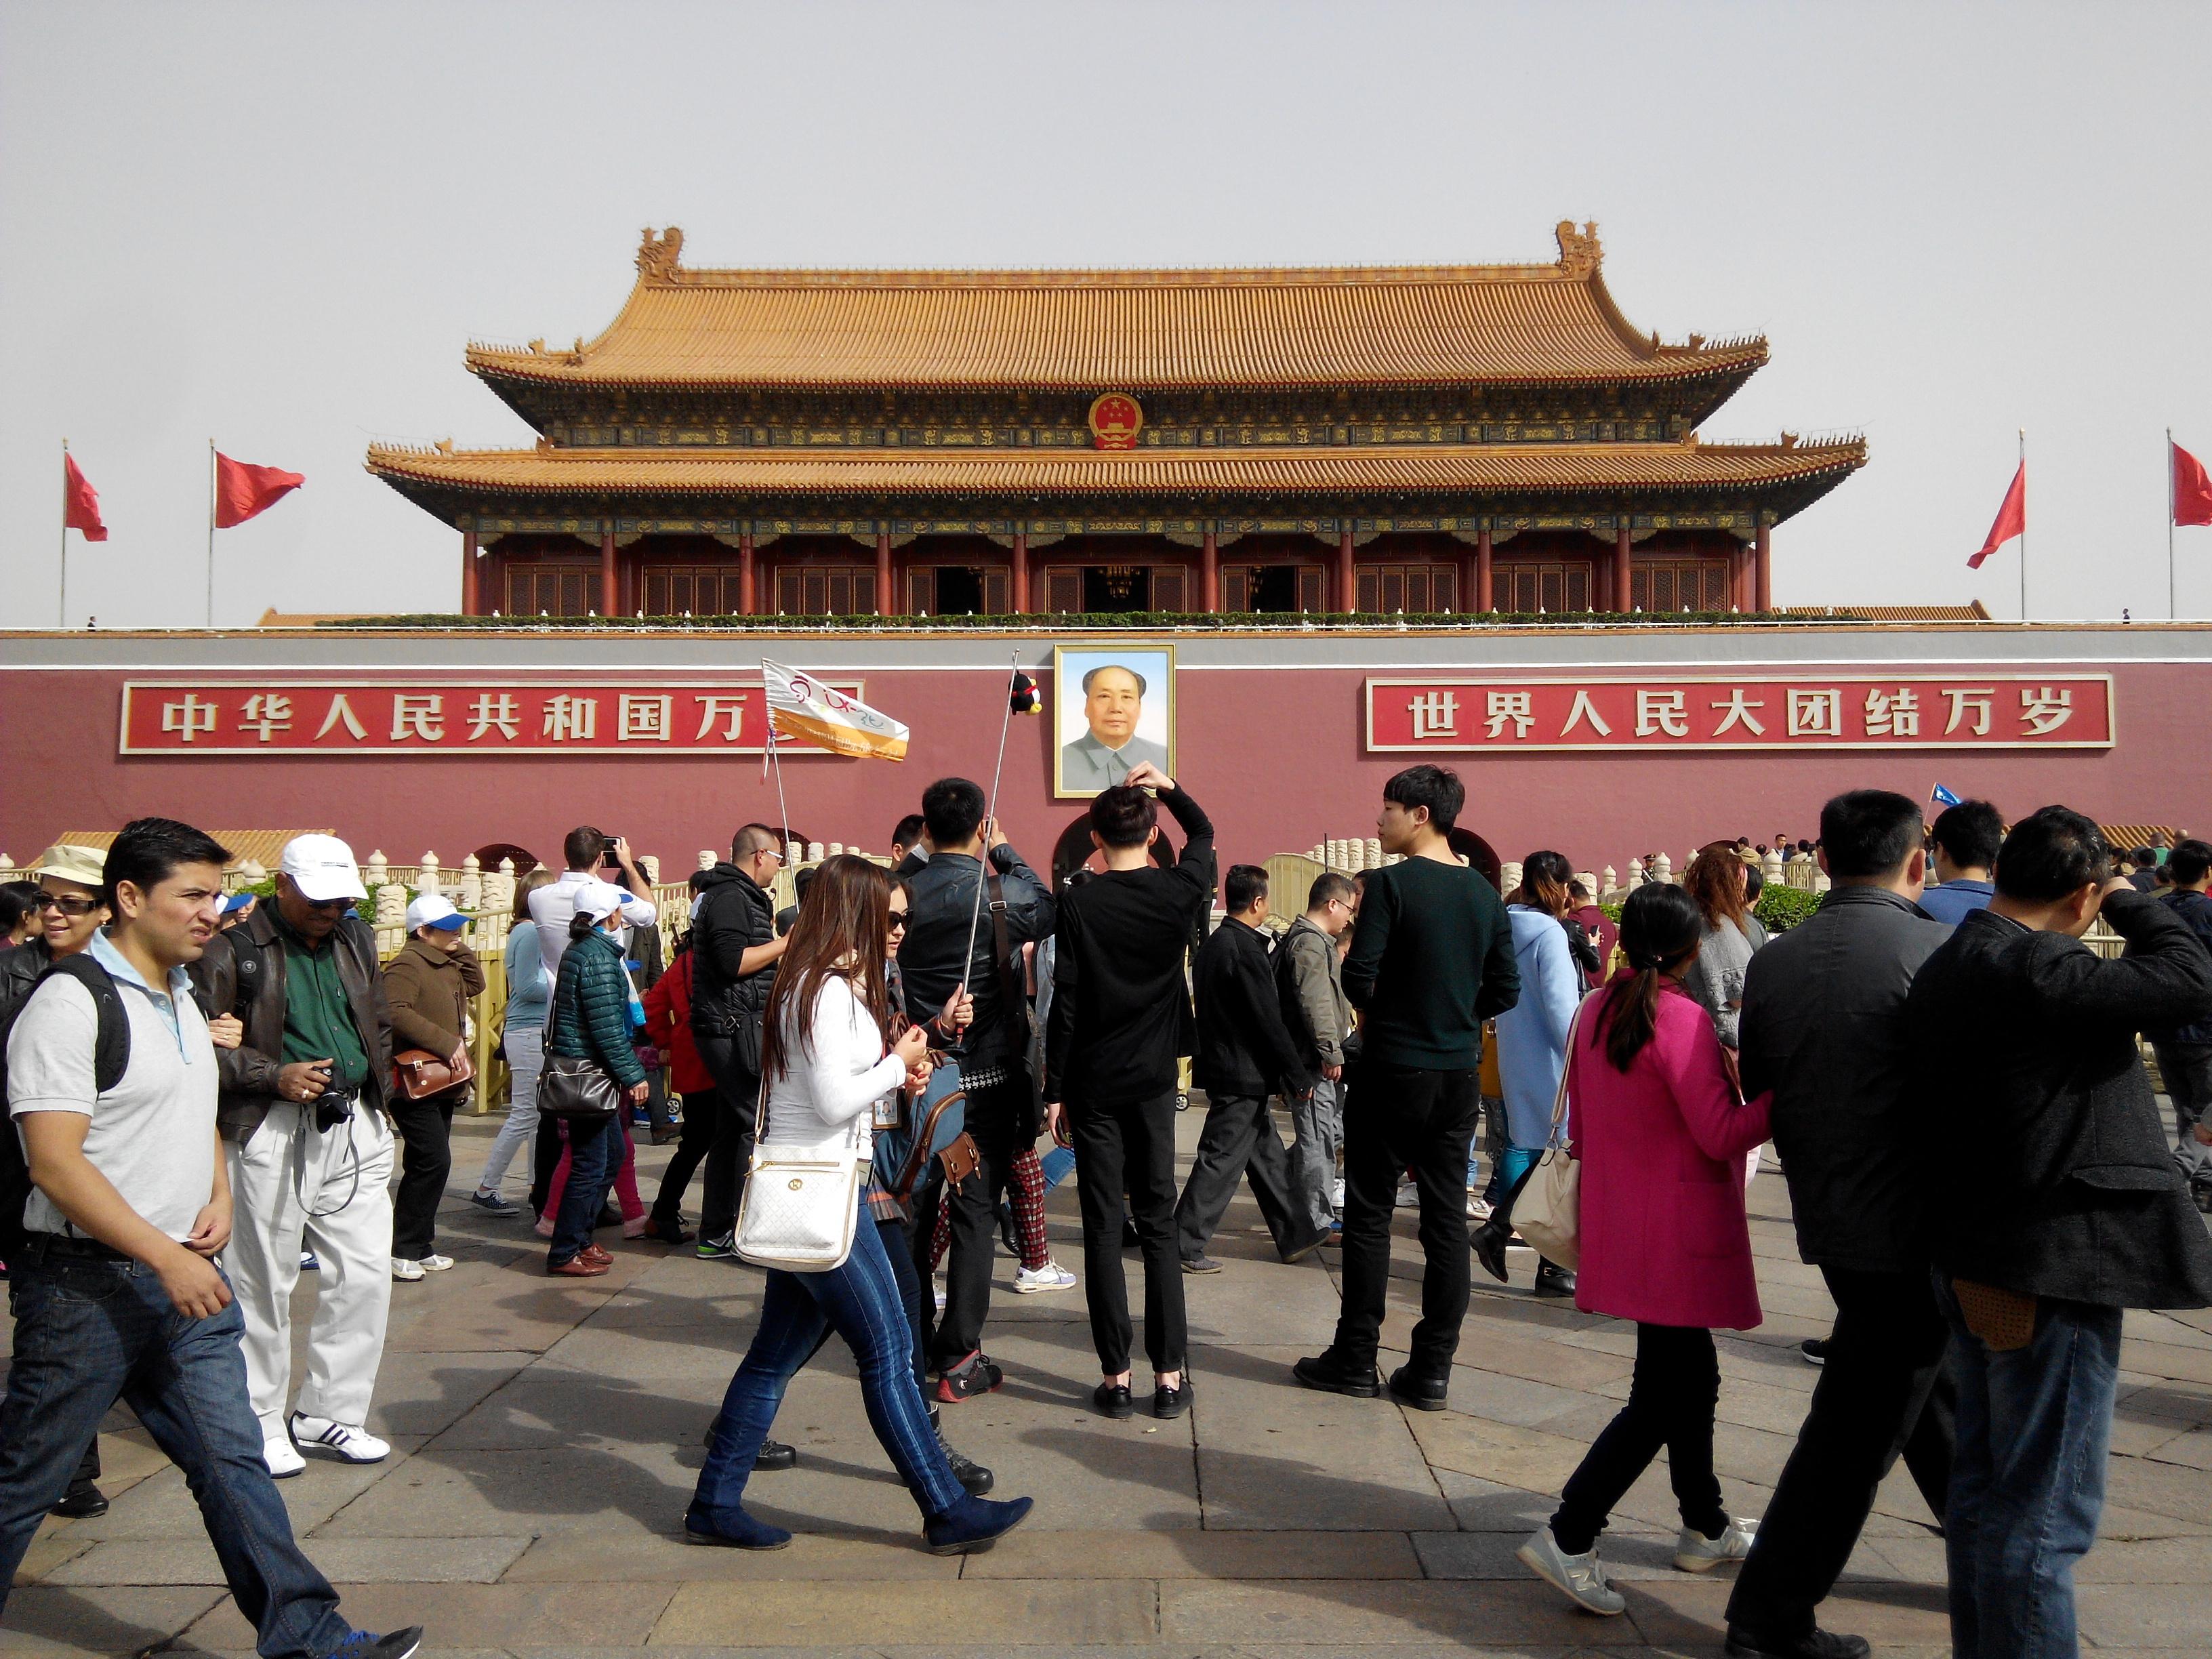 北京市故宫博物馆